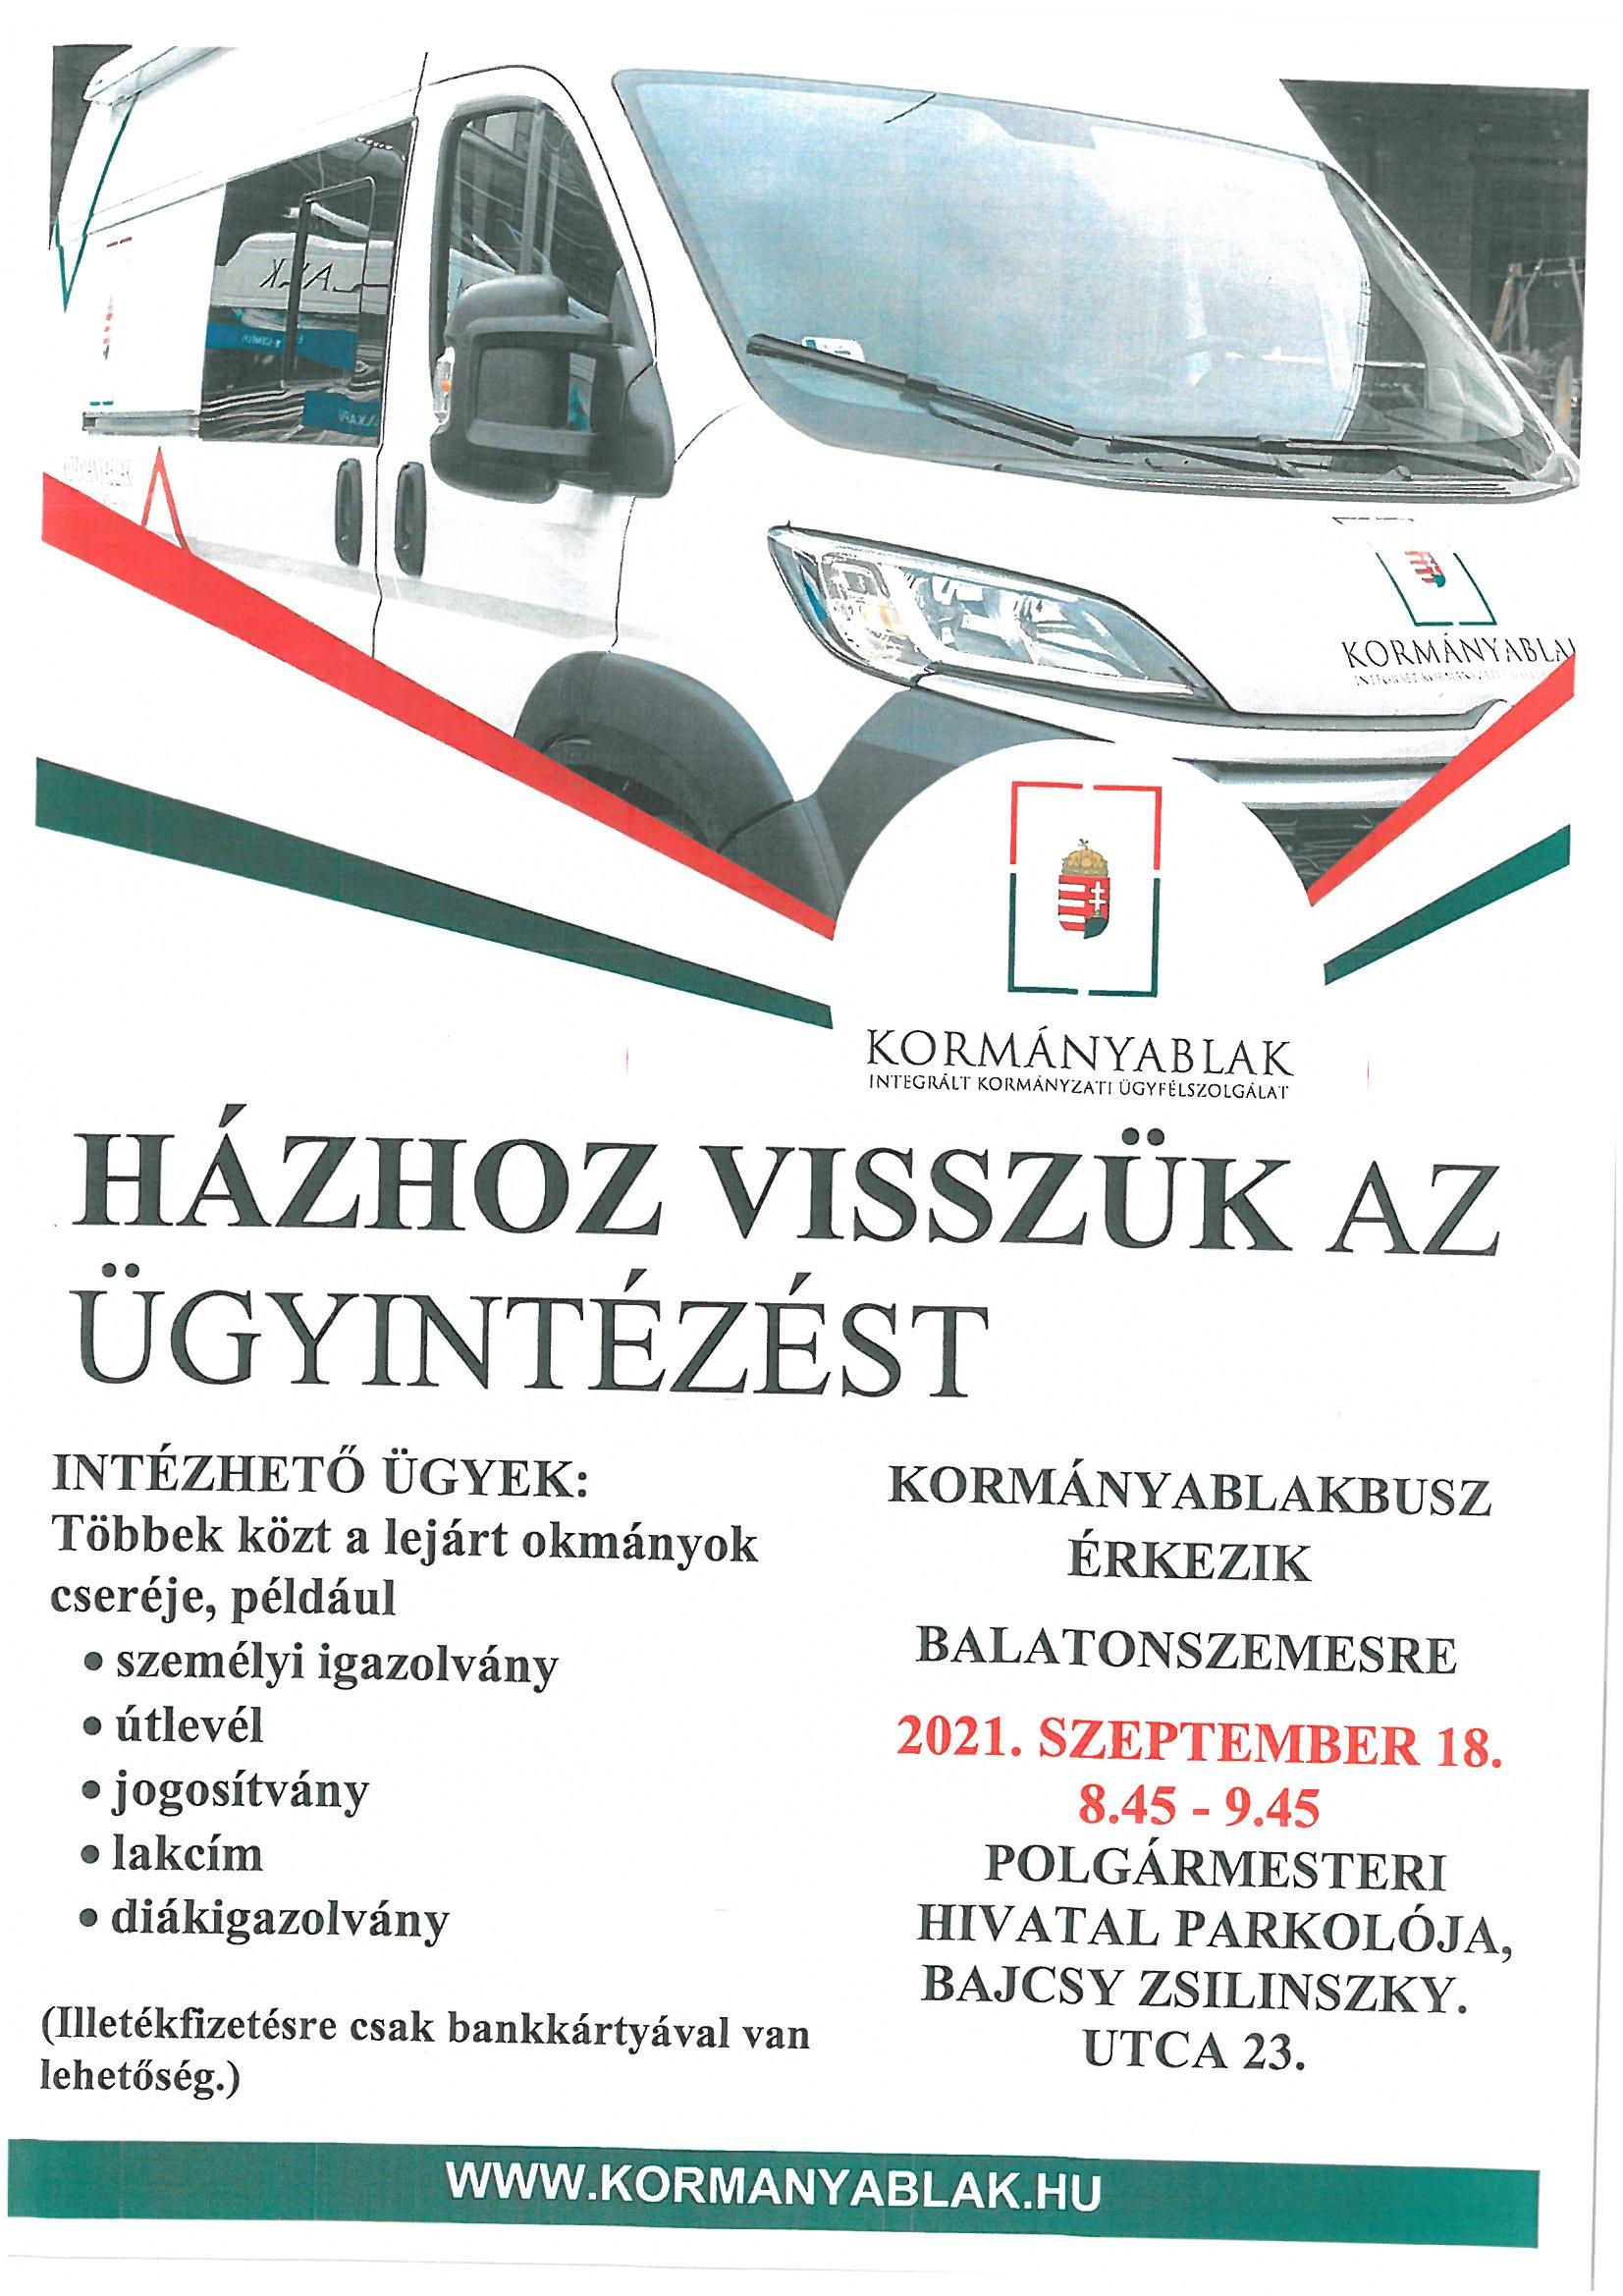 SKMBT C36021091308110 0001 Kormányablak busz